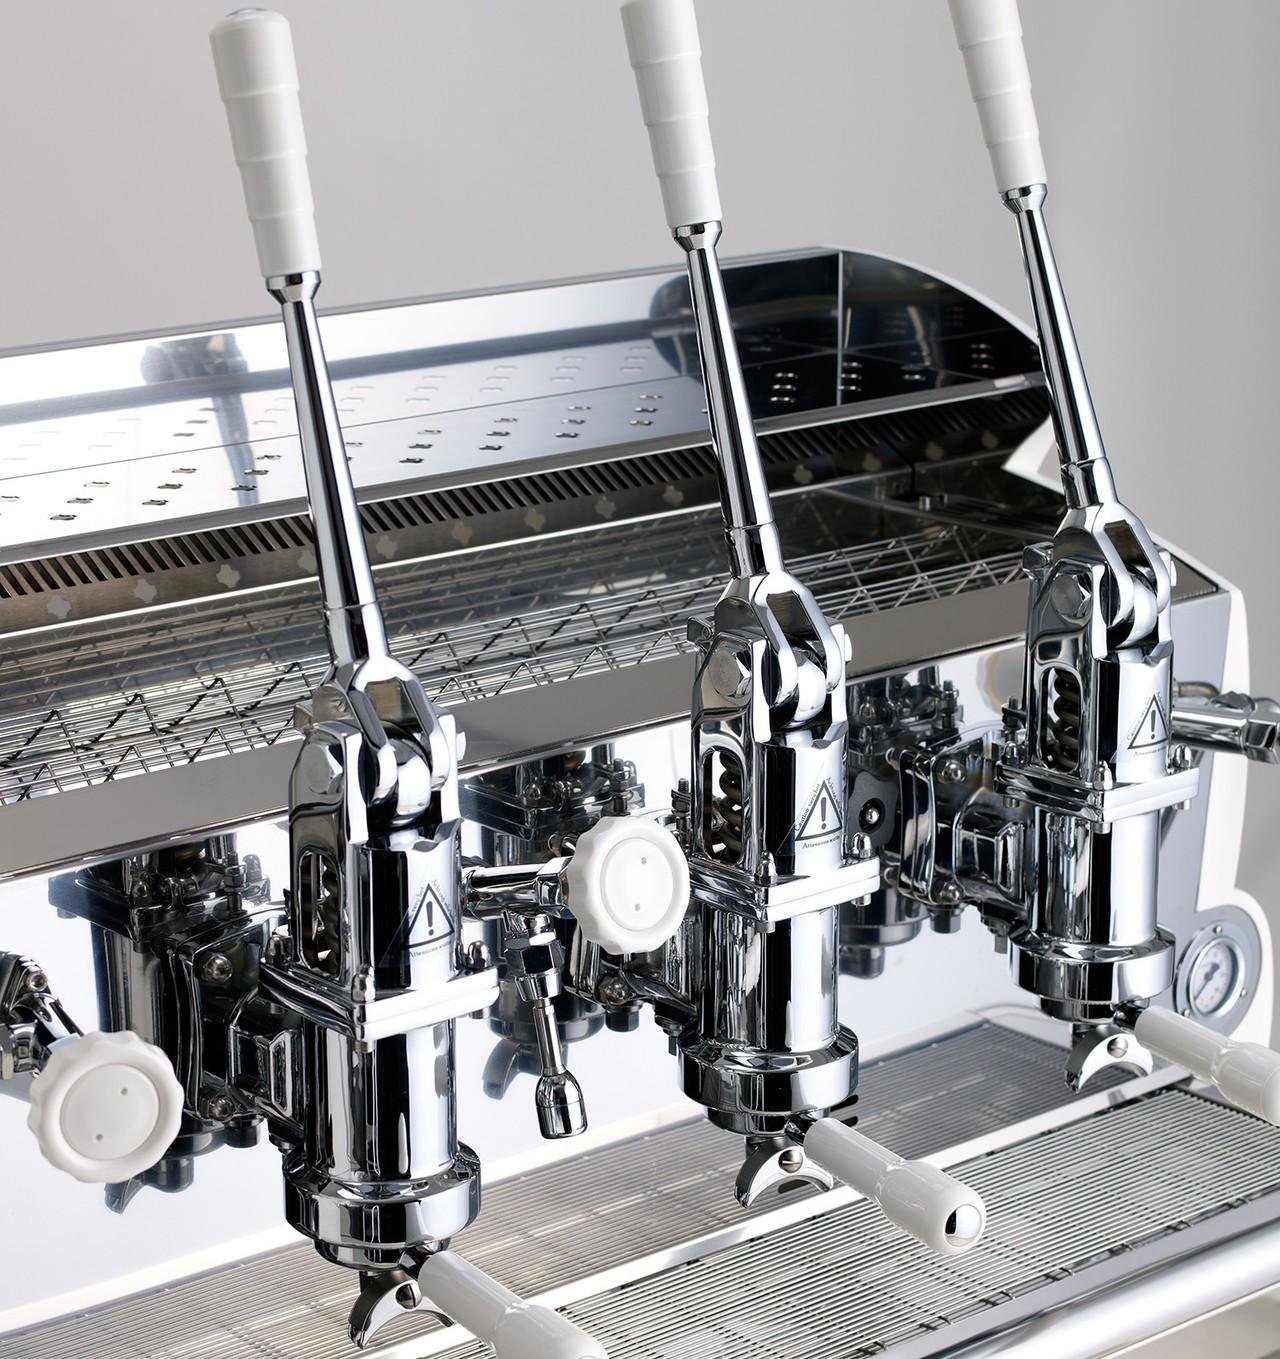 IZZO LEVA MACHINE 이쪼 레버머신 - 성능과 특징